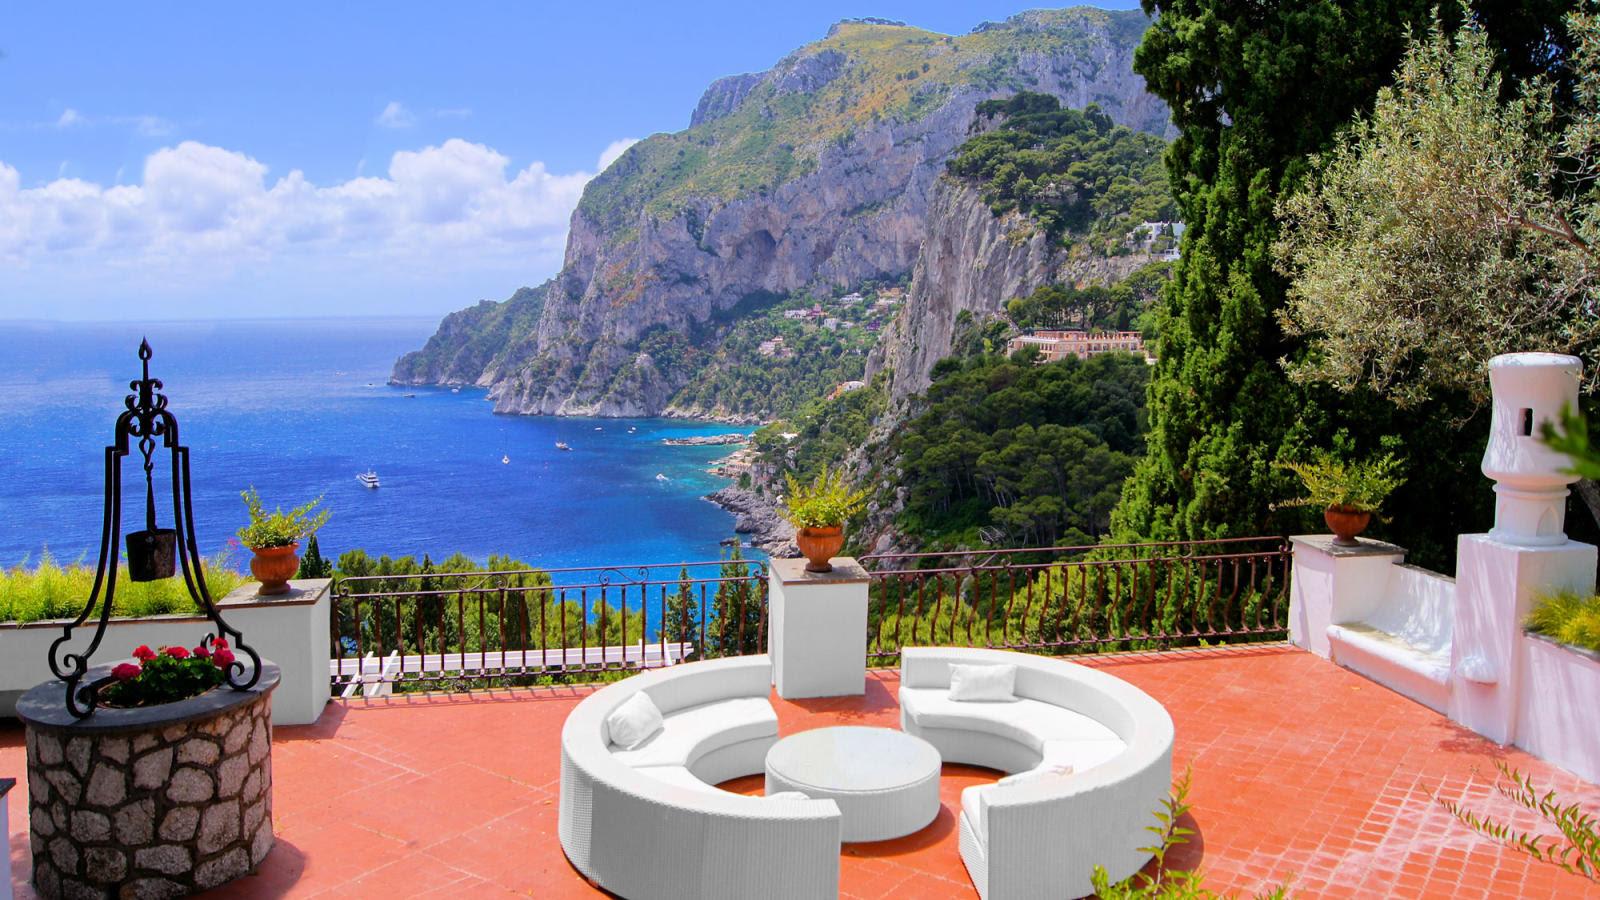 Italy_Summer_Capri_4_umk7fy